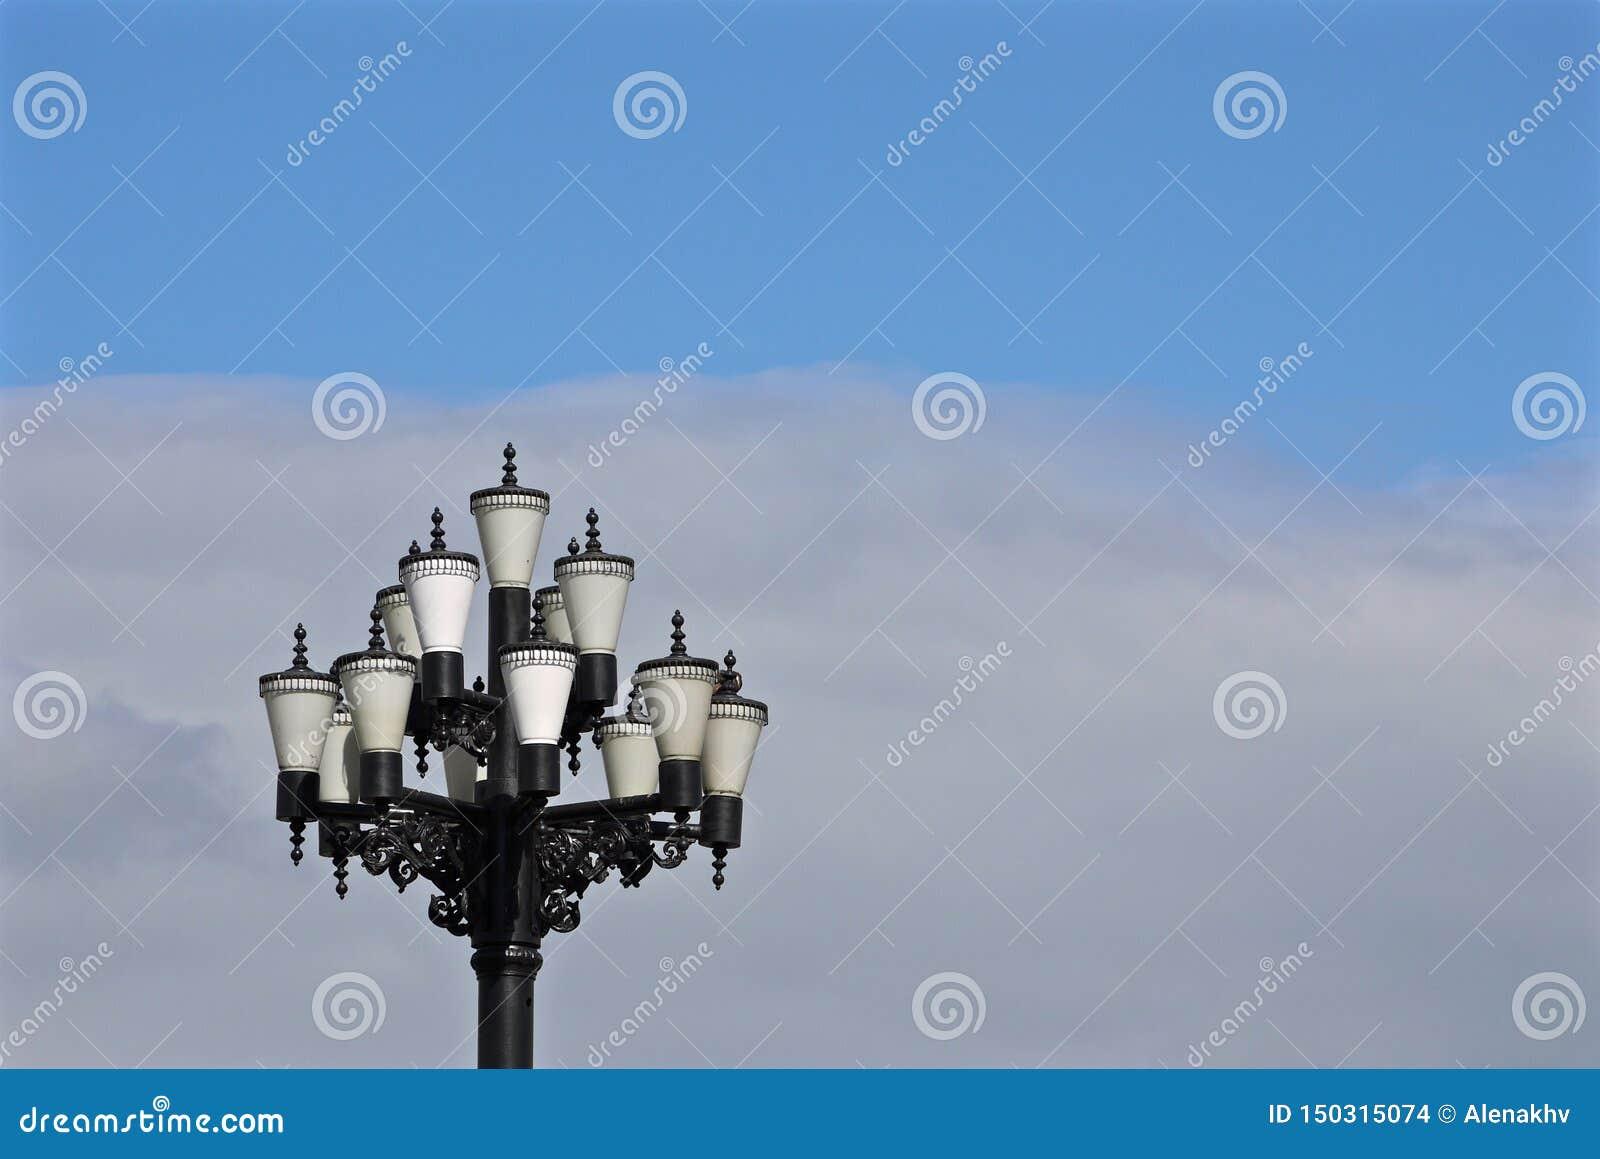 Nätt gatalampa med många exponeringsglasräkningar på bakgrund av blå himmel